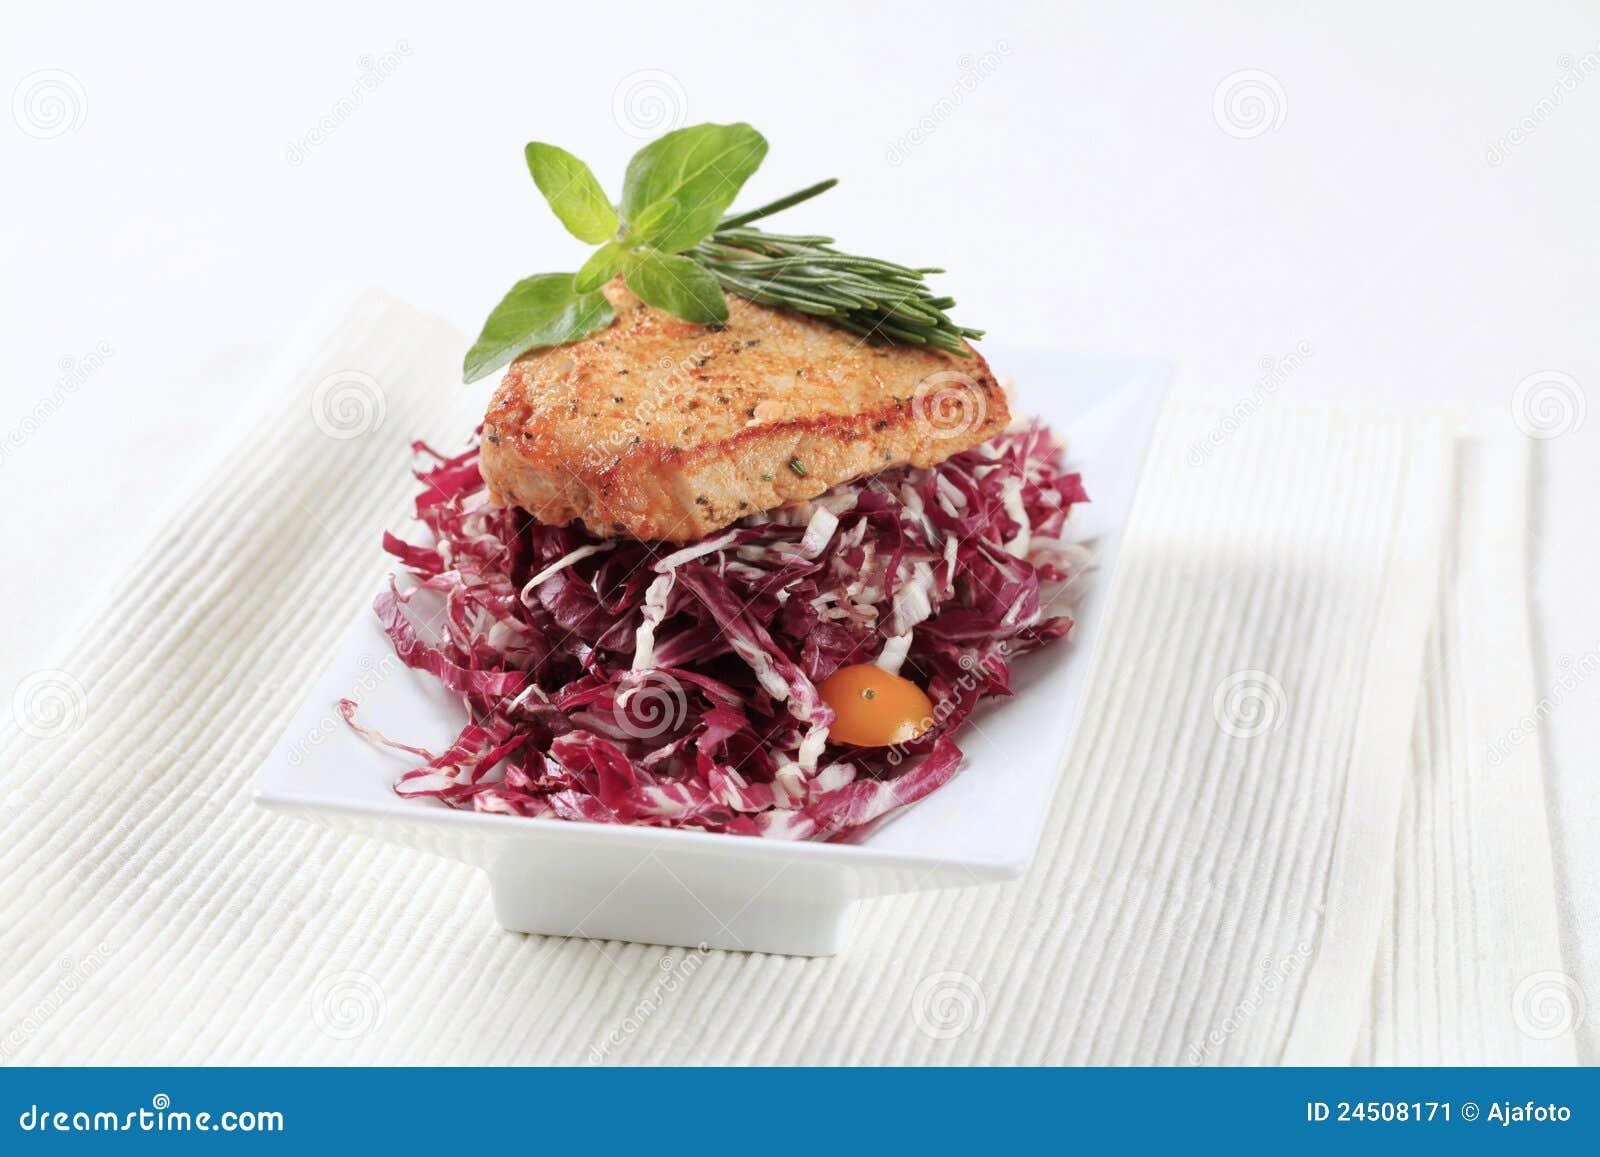 圆白菜用卤汁泡的脆皮红色青州猪肉猪肉在哪里图片